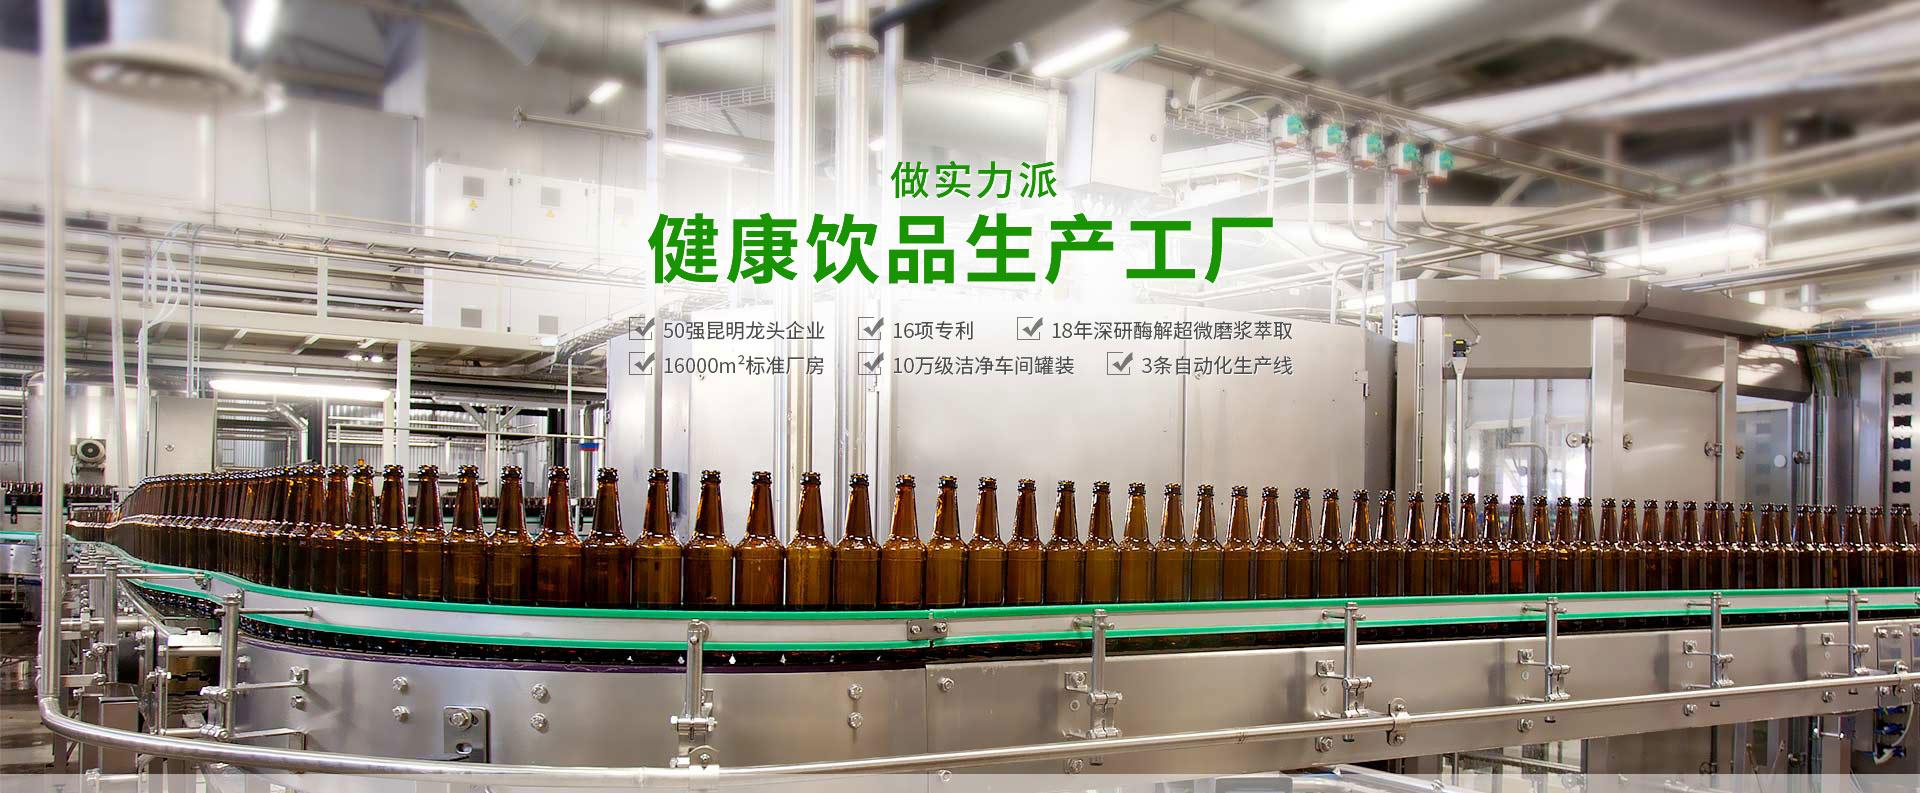 品世,做实力派健康饮品生产工厂